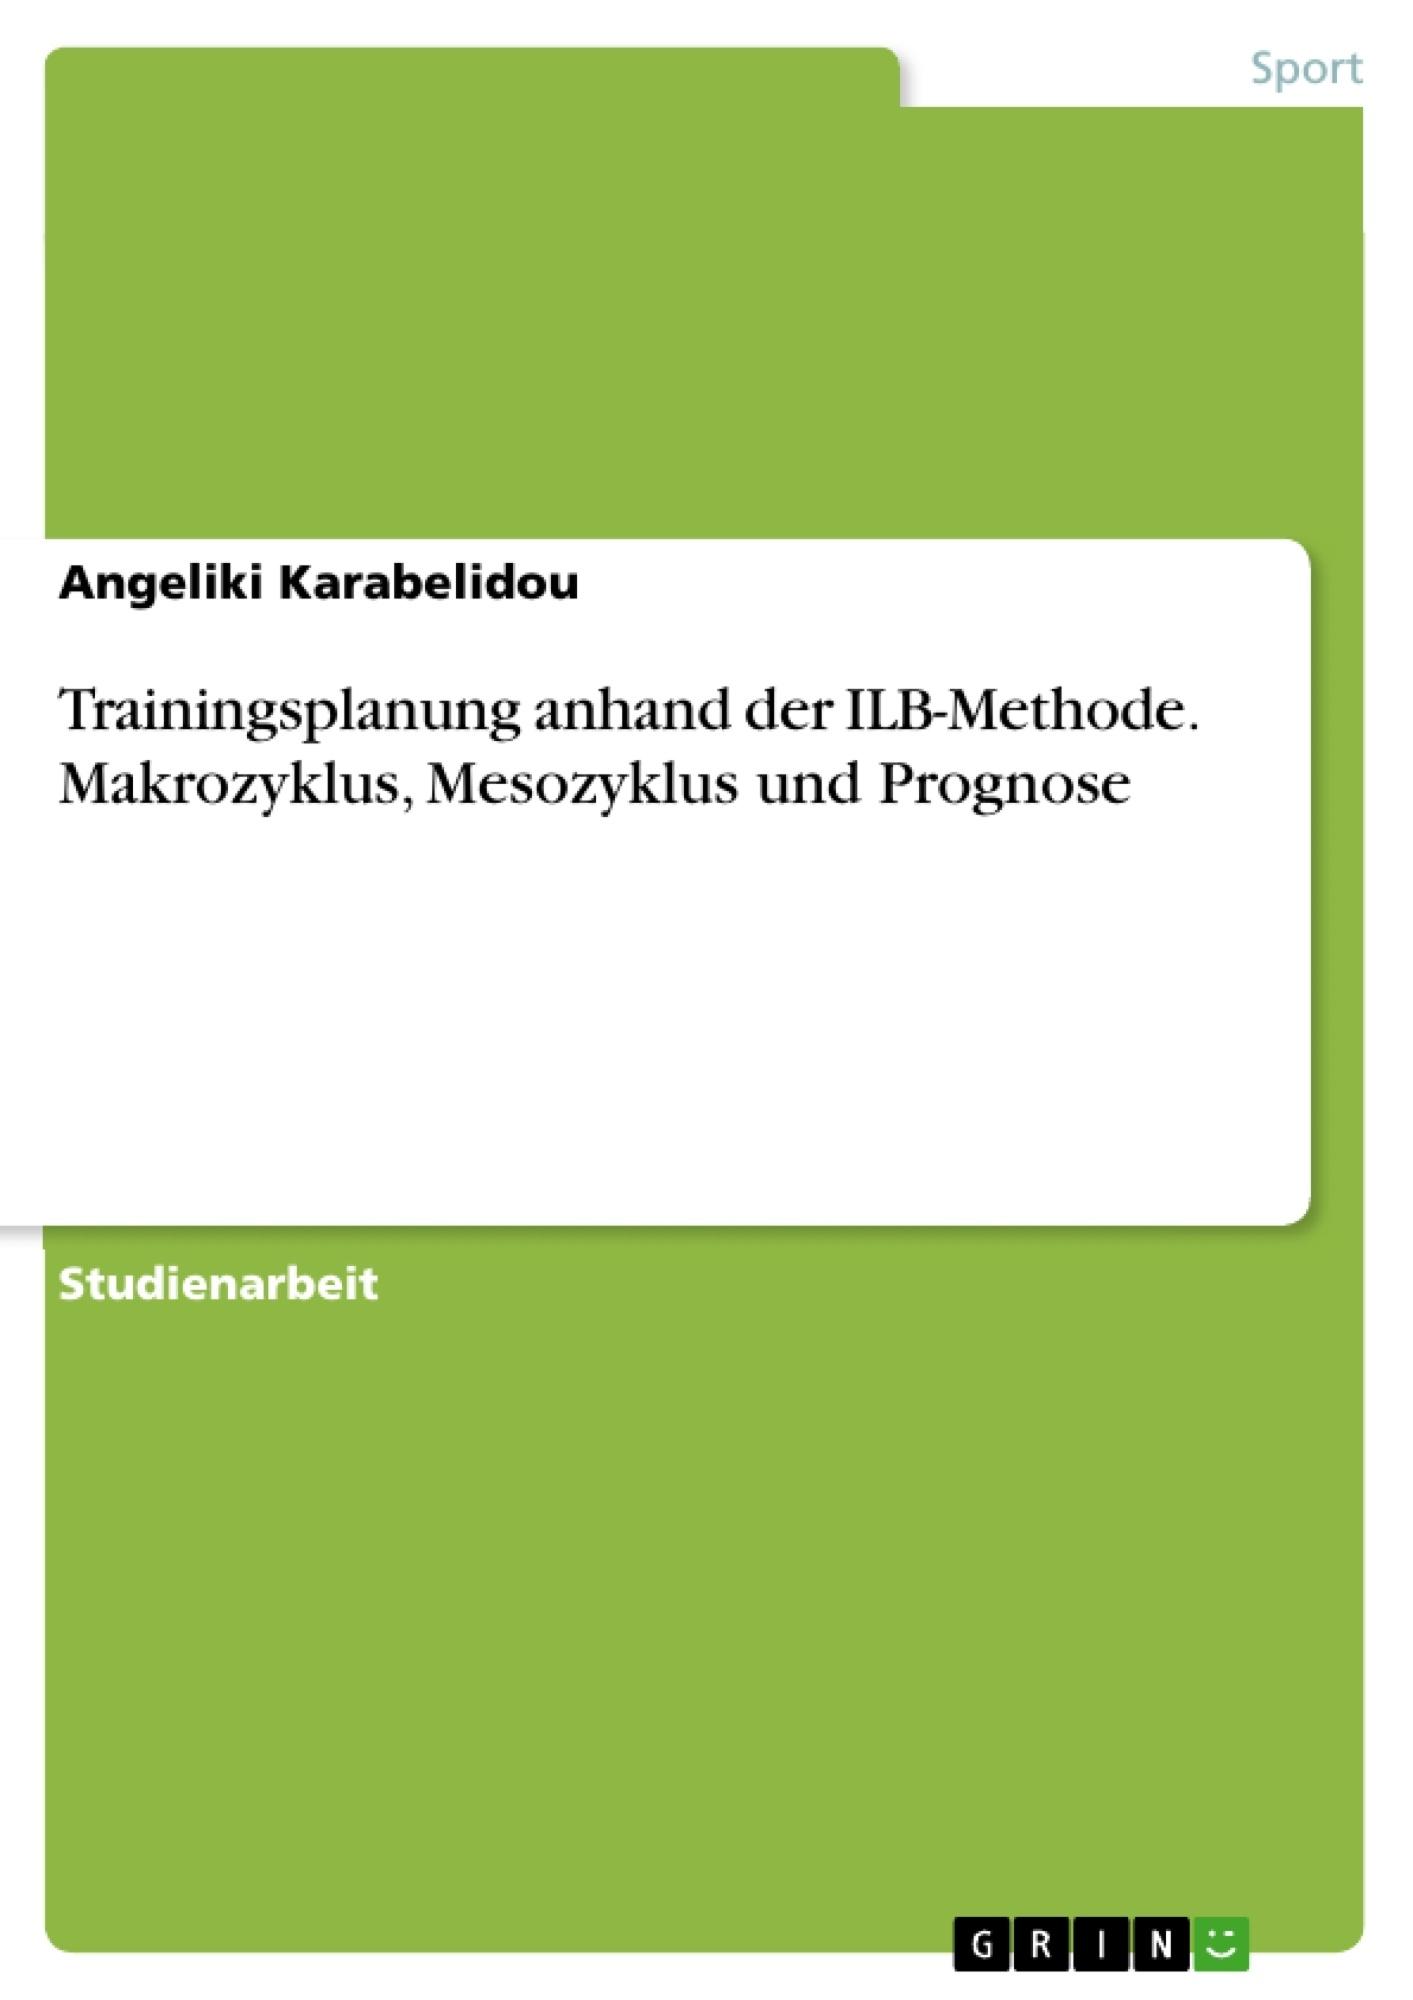 Titel: Trainingsplanung anhand der ILB-Methode. Makrozyklus, Mesozyklus und Prognose